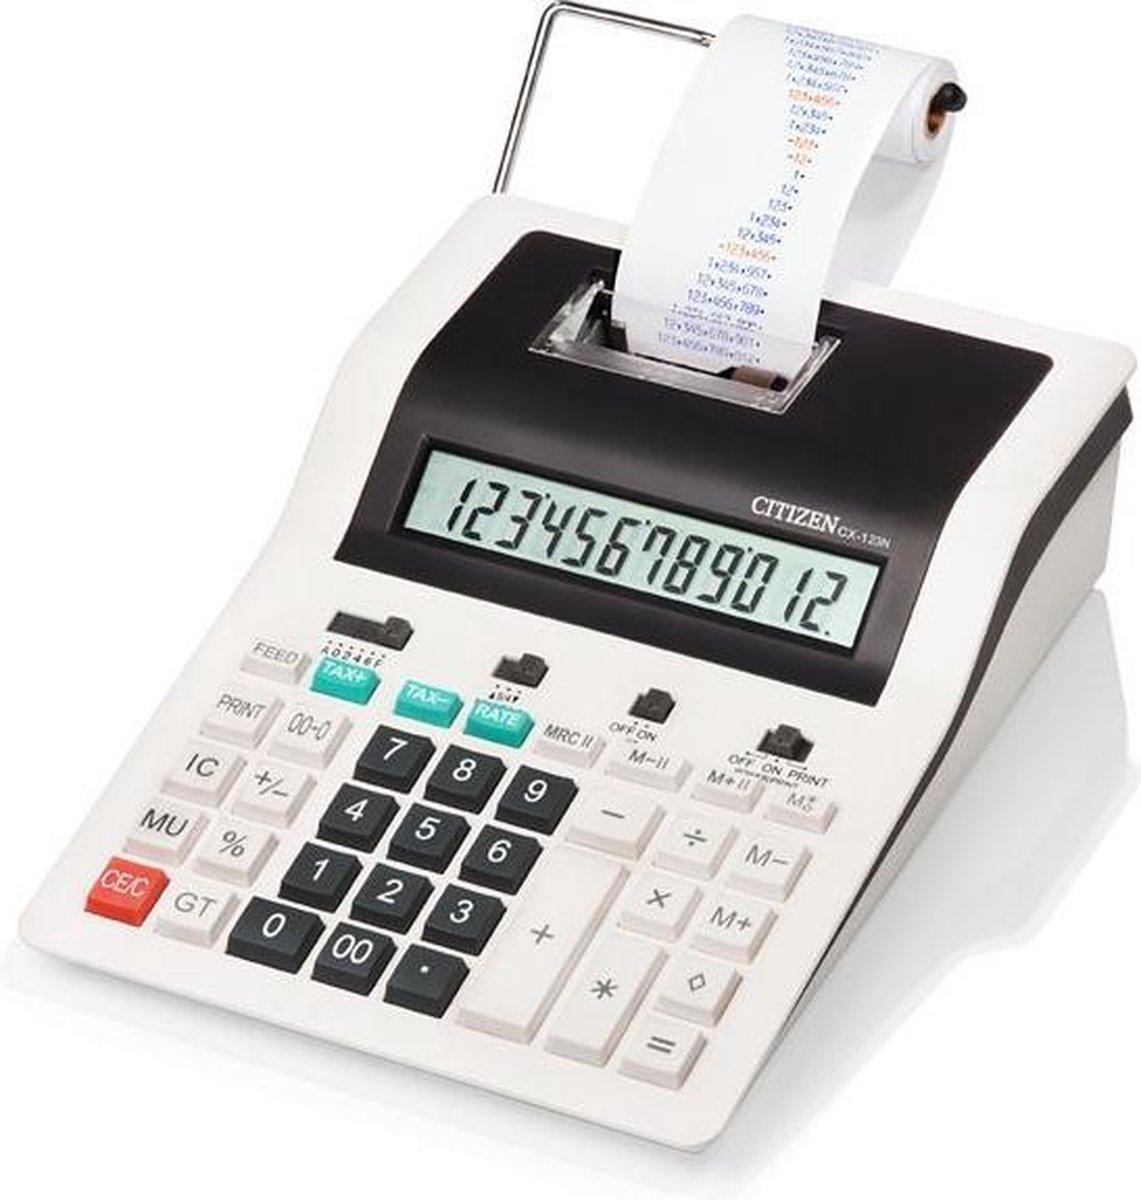 Citizen CX-123N Desktop Rekenmachine met printer Zwart, Wit calculator